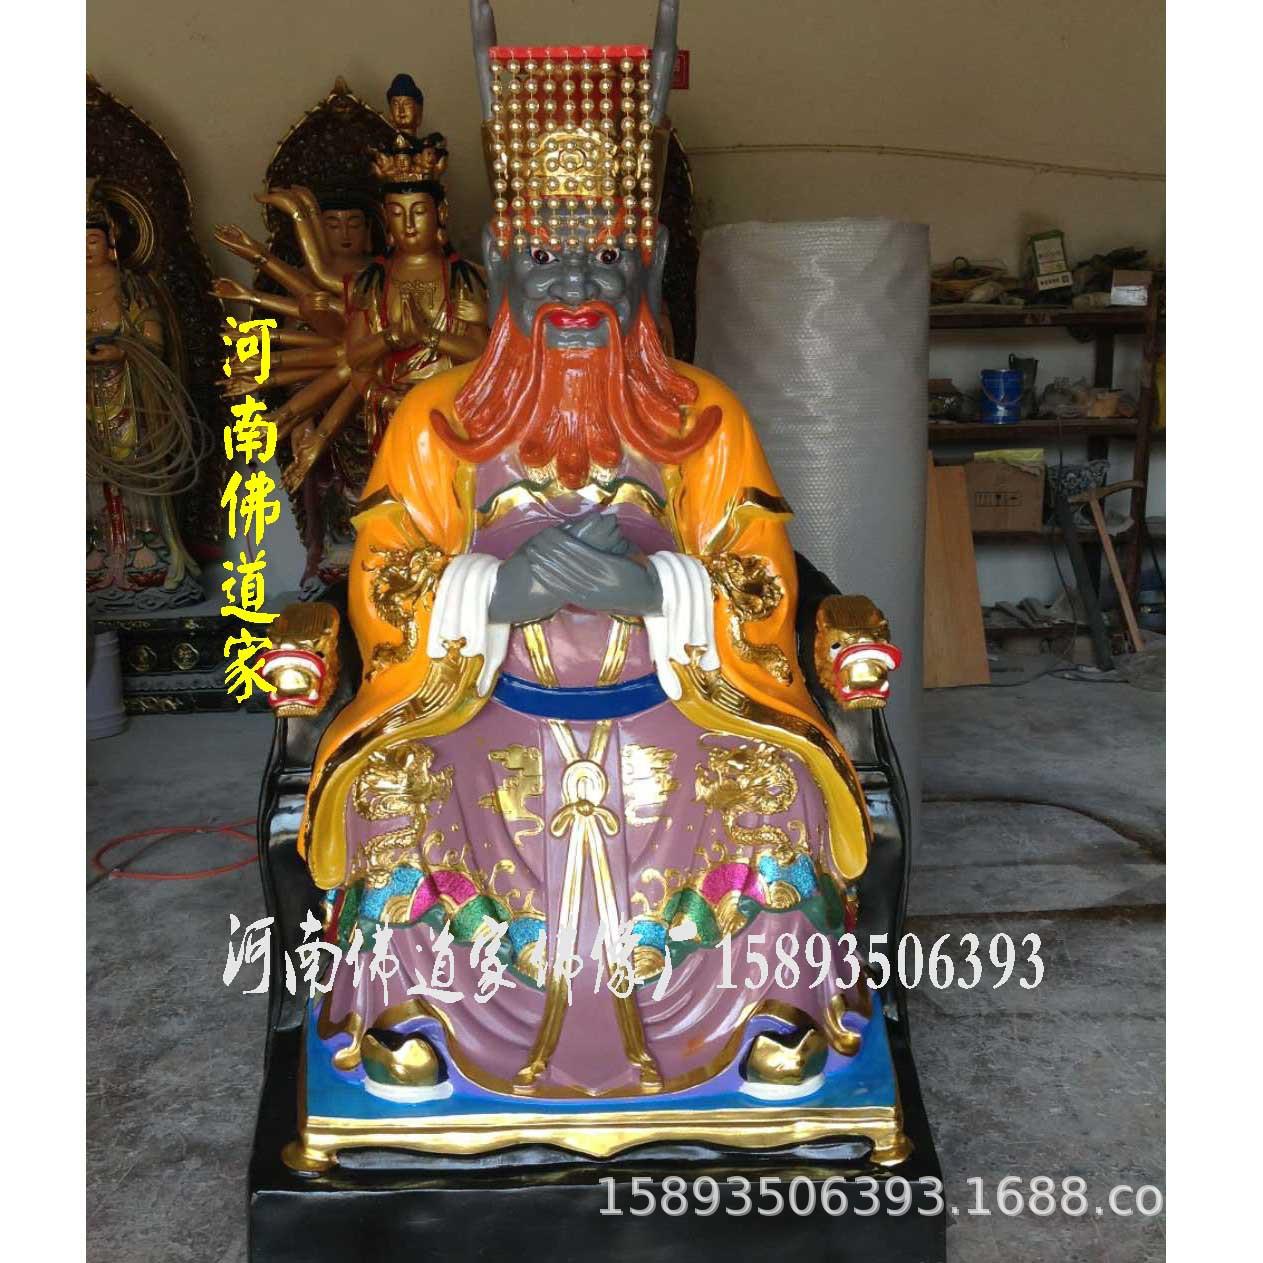 广济龙王菩萨佛像 五色龙神佛像 厂家销售四海龙王爷雕塑1.8米示例图5